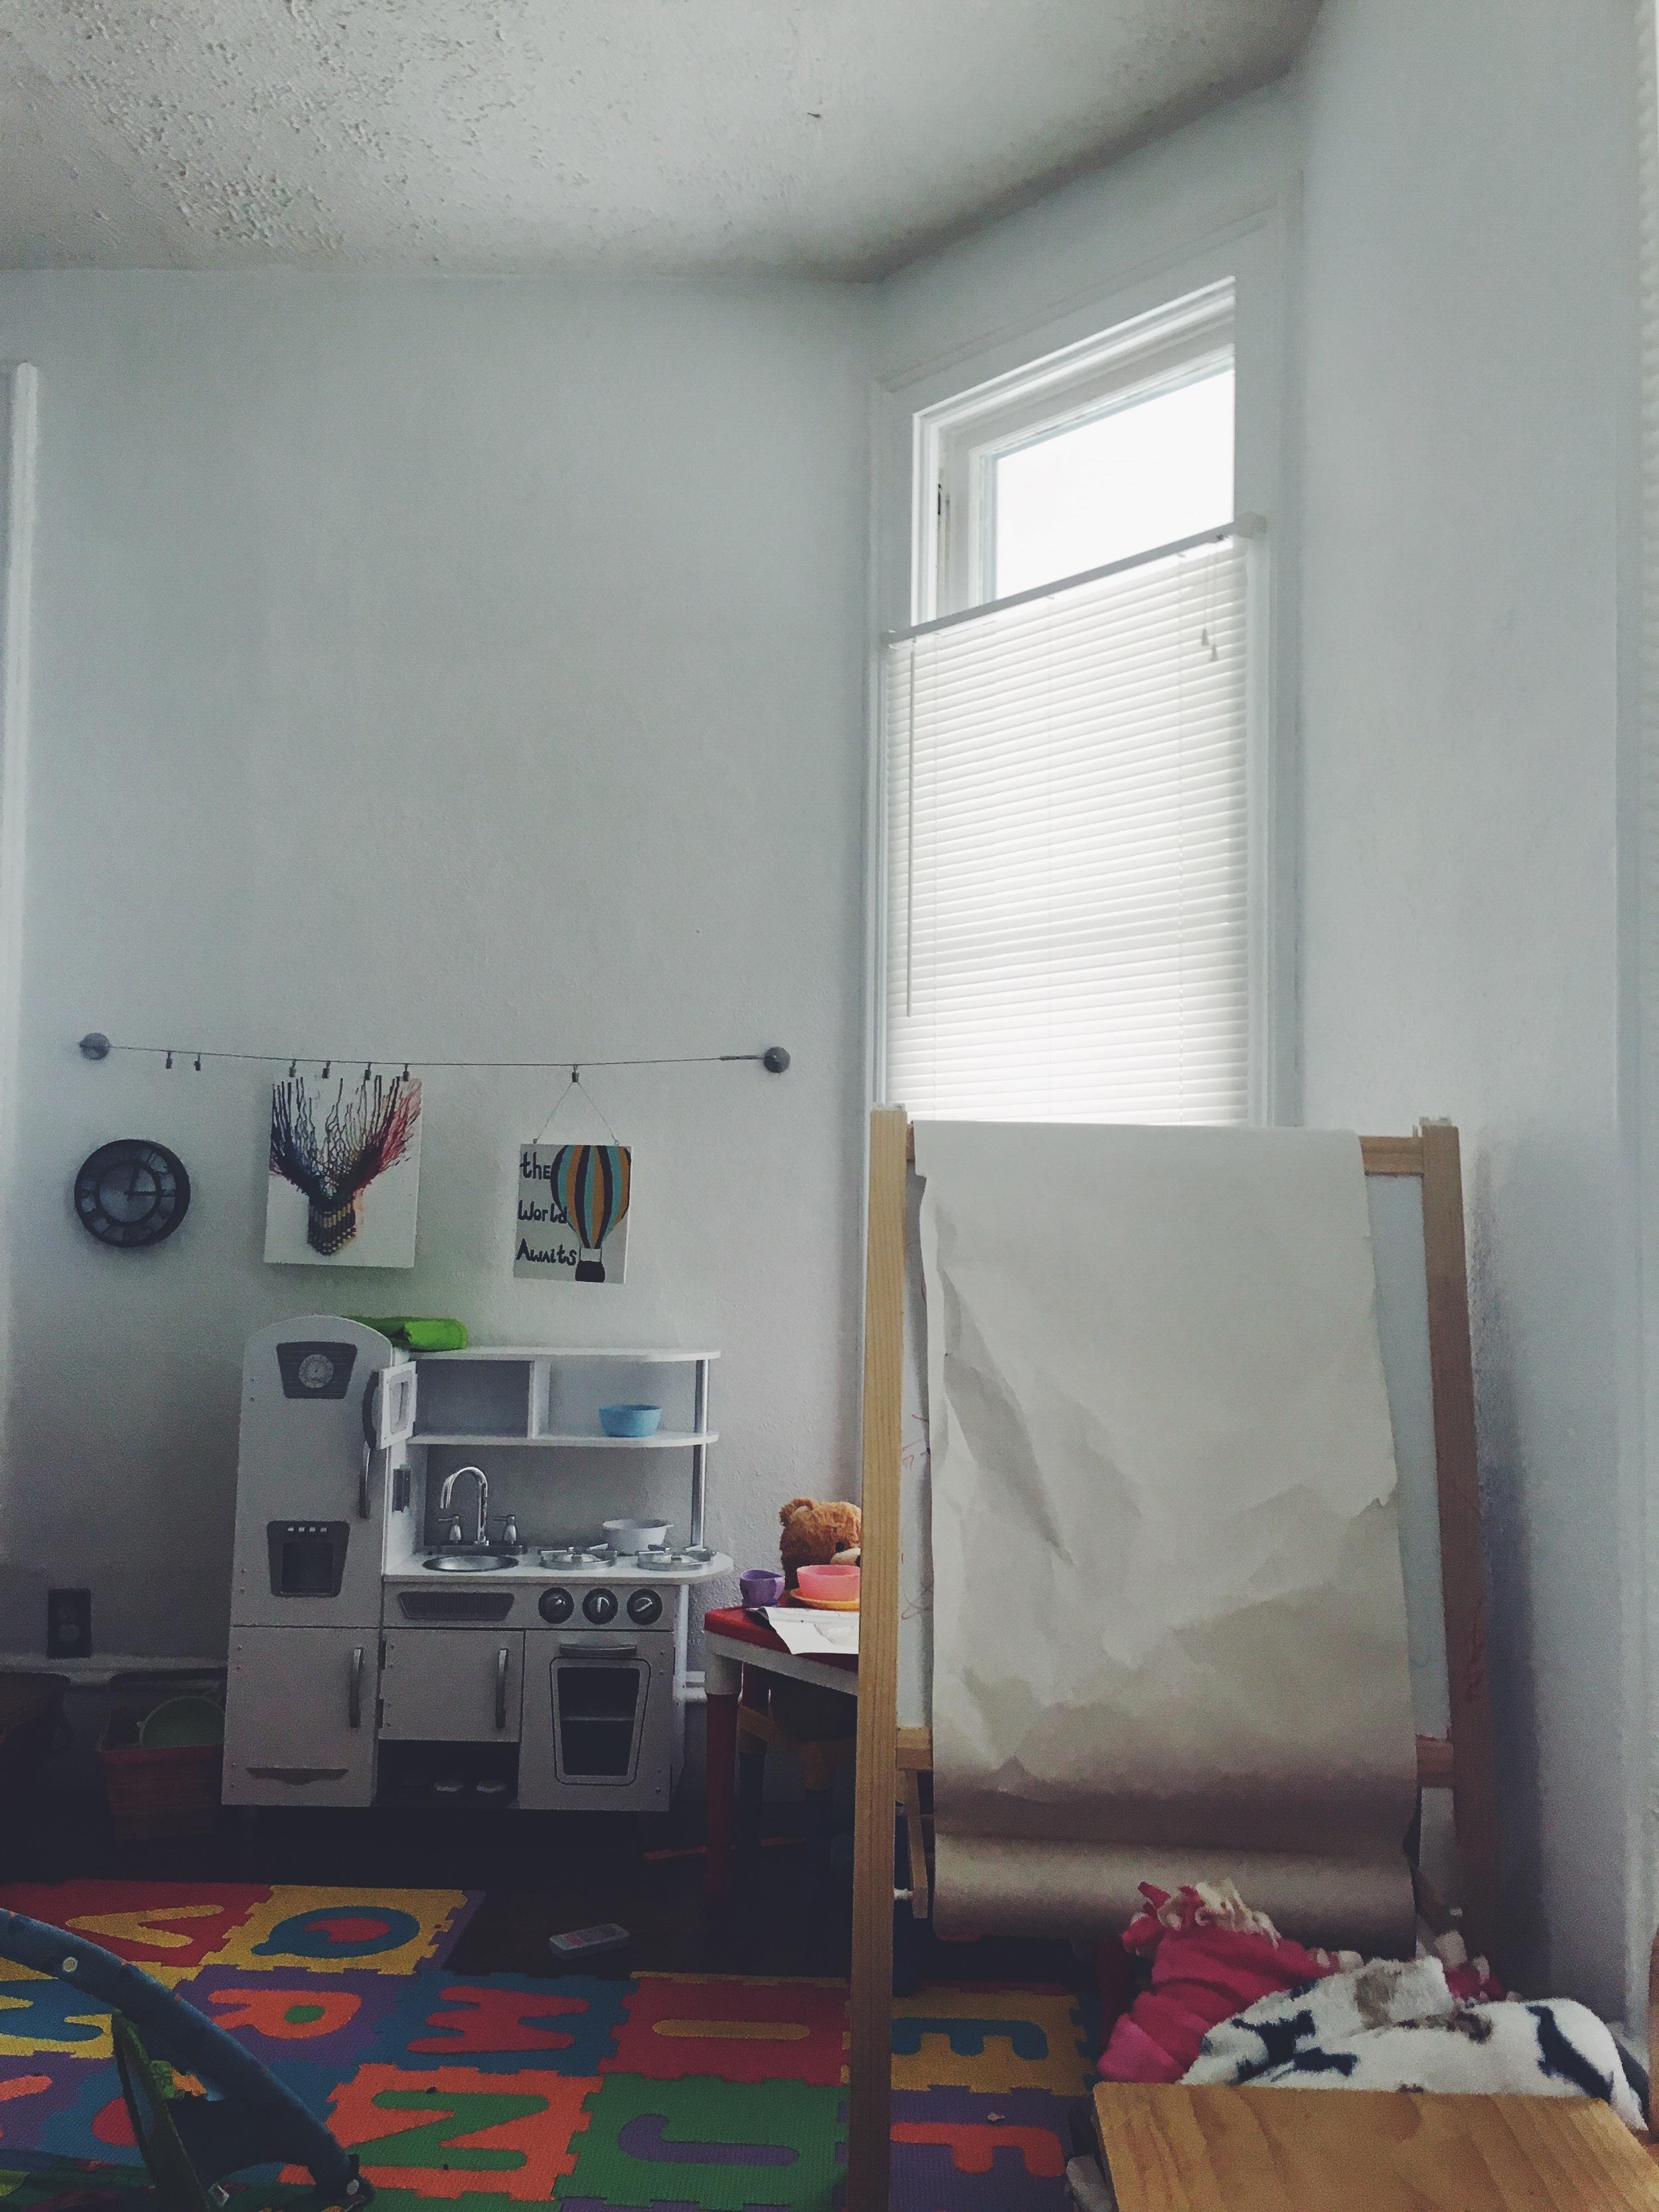 vsco-photo-1 (14).jpg